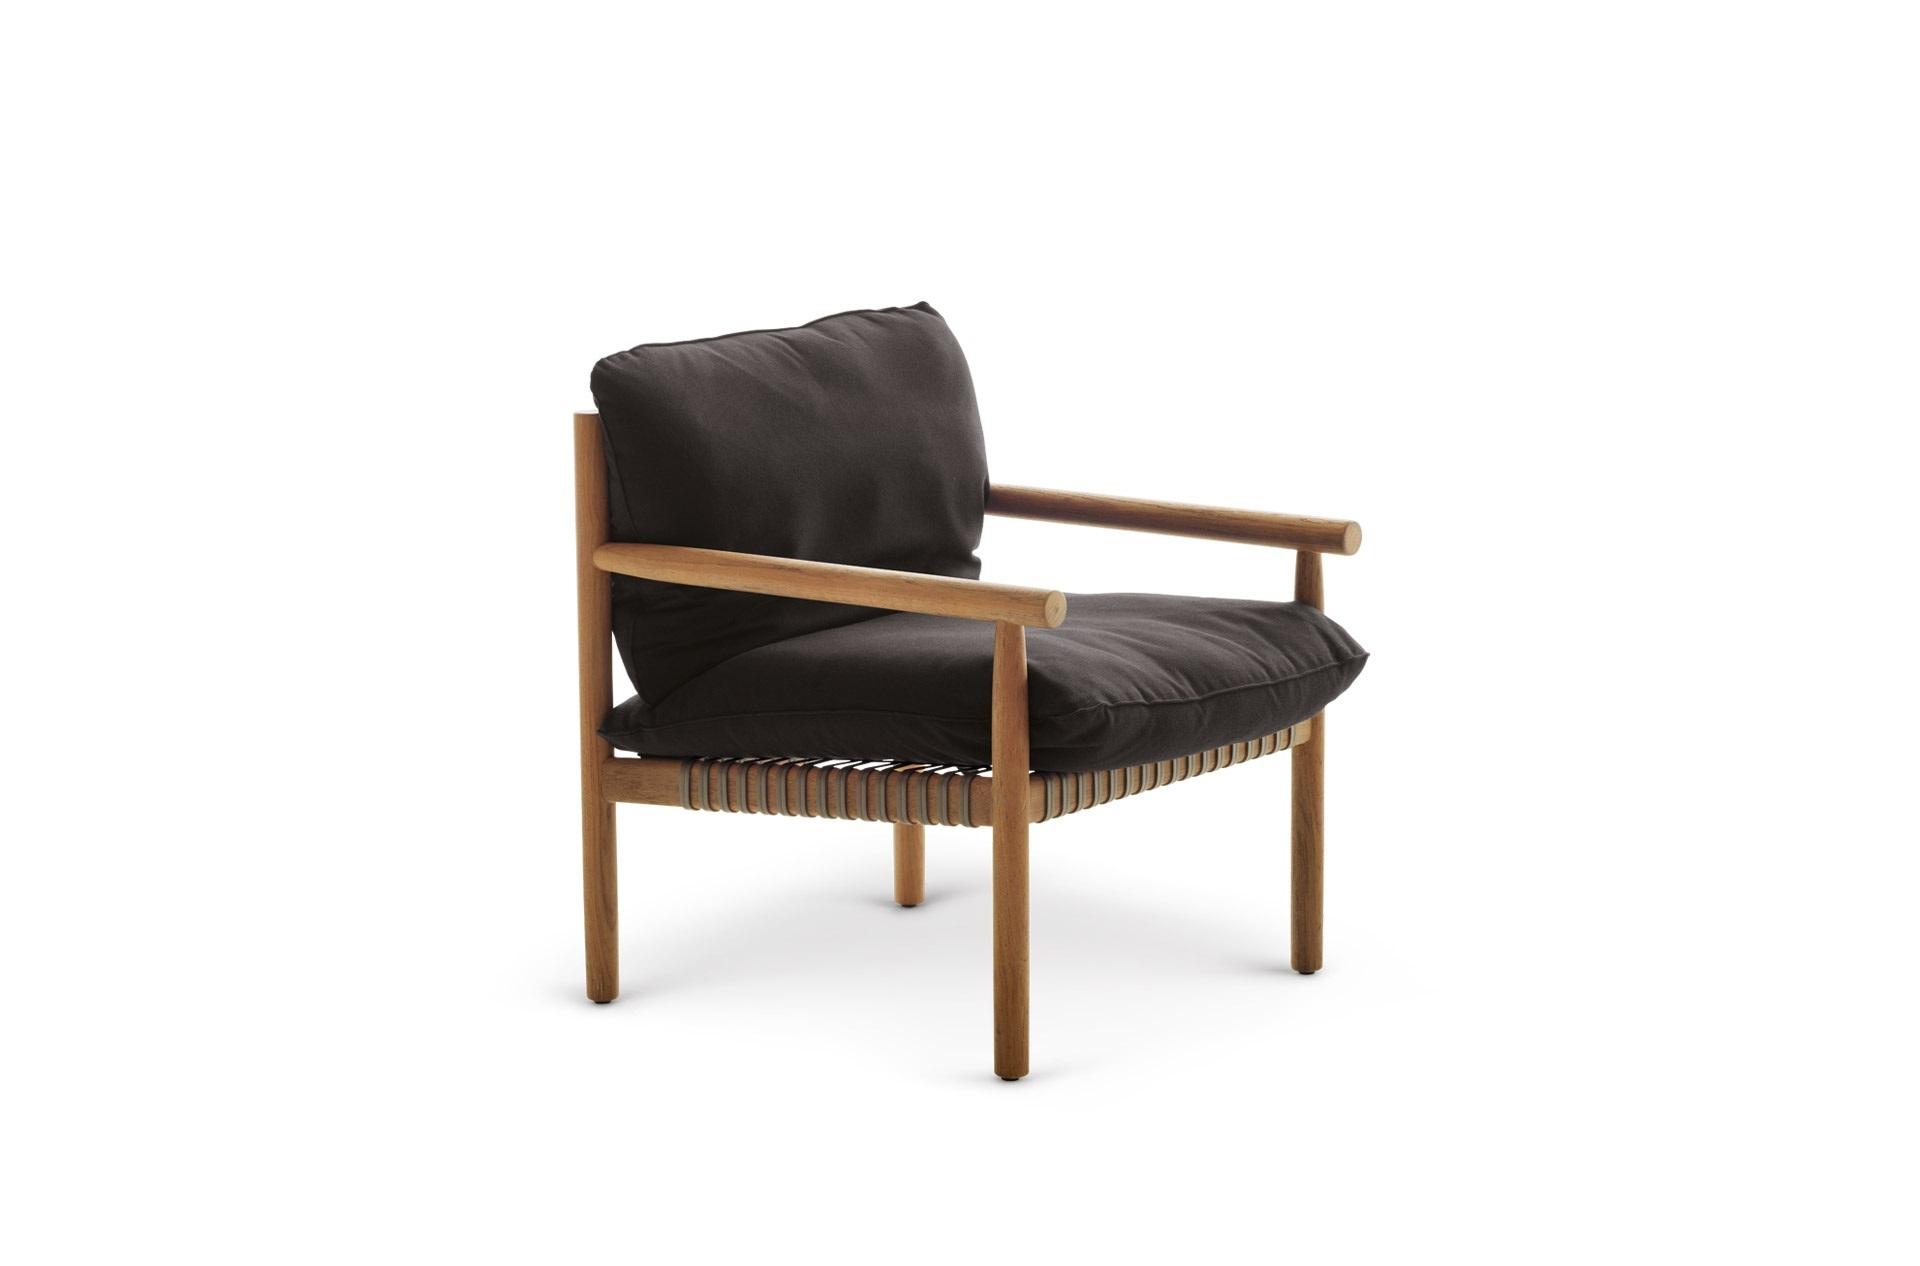 Astonishing Tibbo Lounge Chair By Dedon Stylepark Short Links Chair Design For Home Short Linksinfo